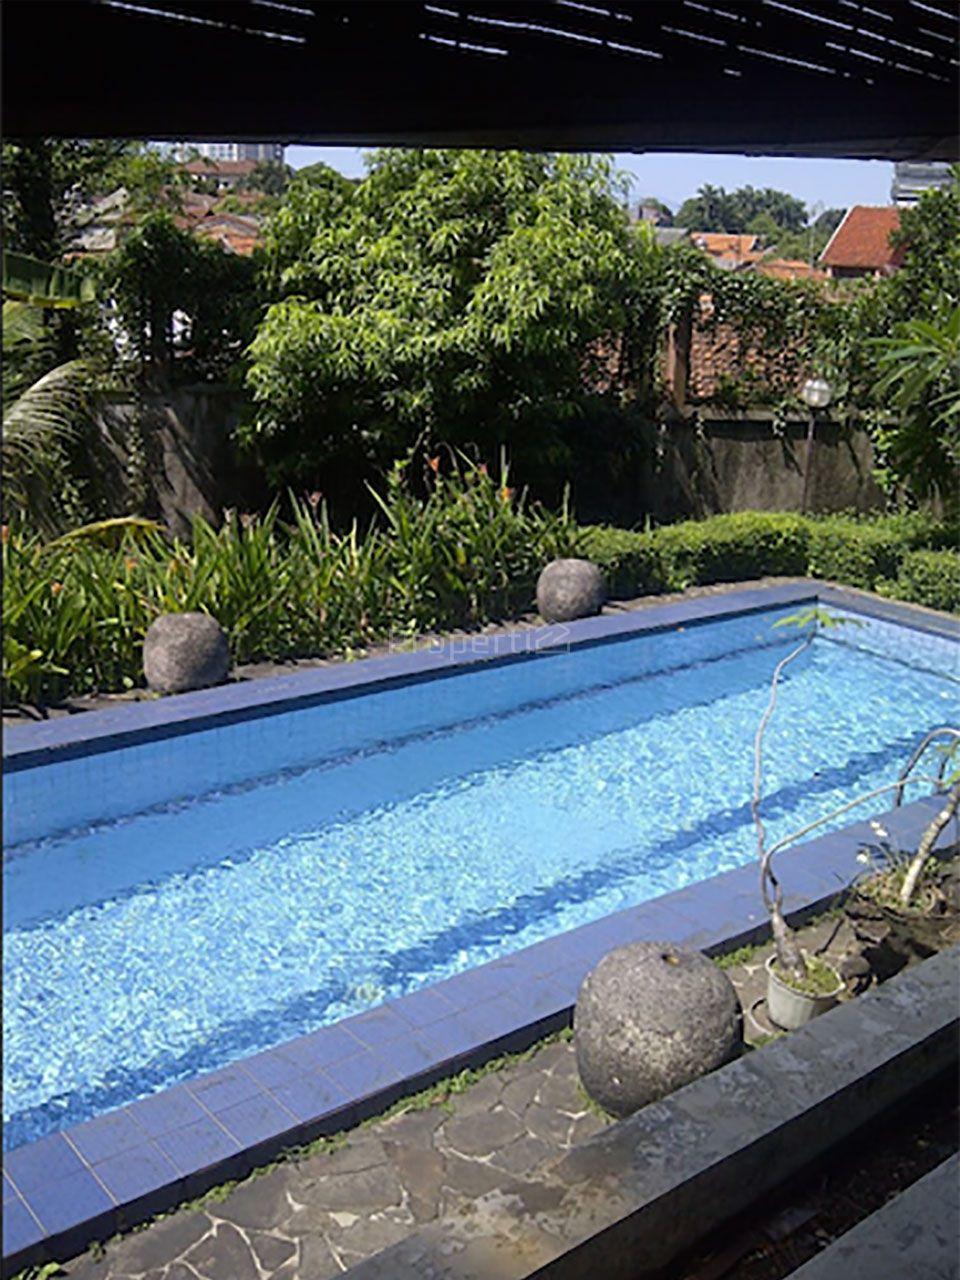 Rumah Mewah dengan Kolam Renang di Jati Padang, DKI Jakarta